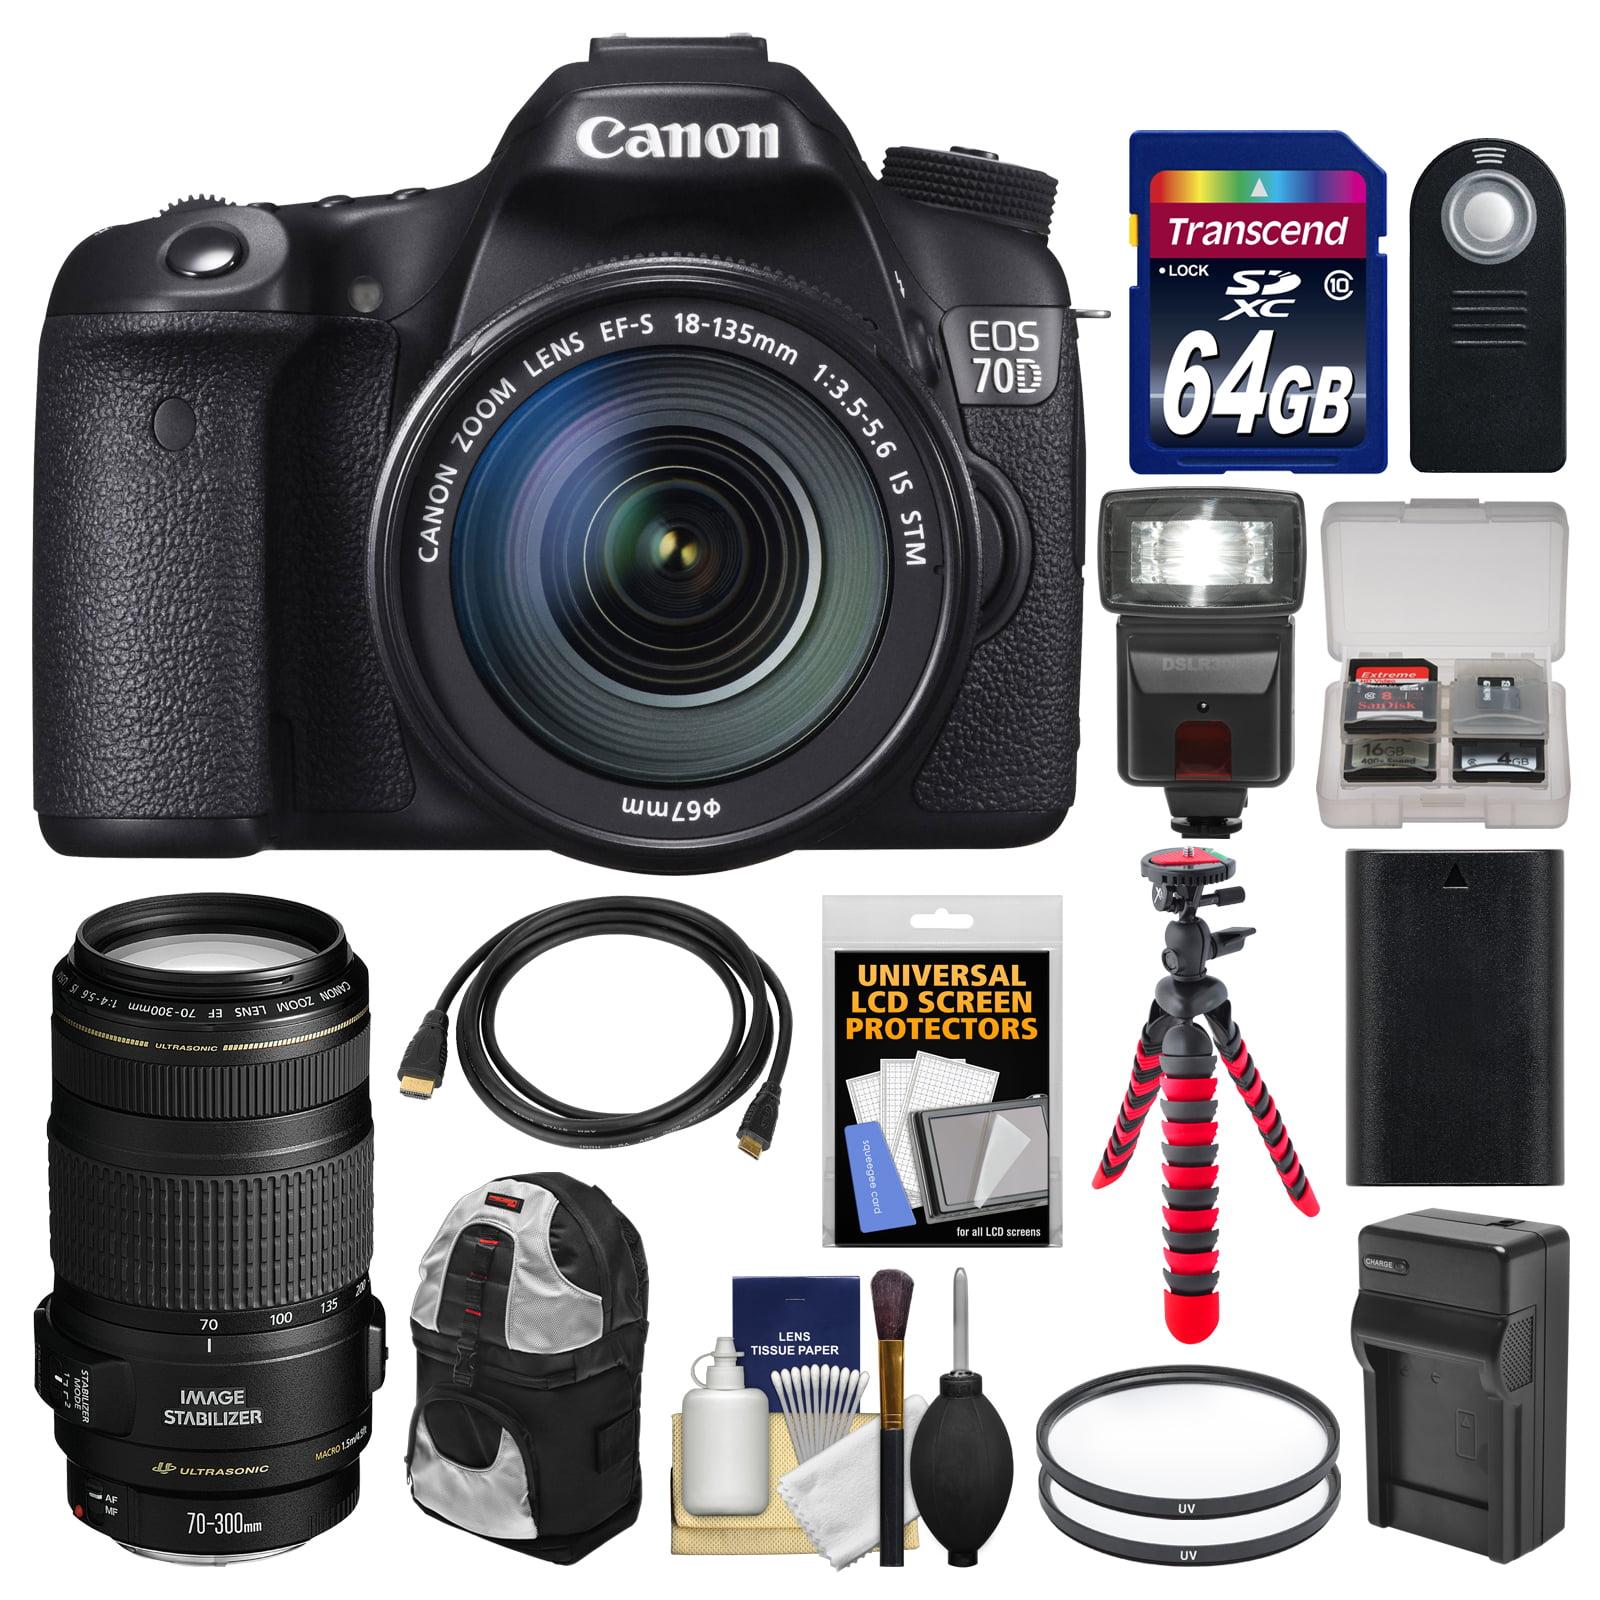 Canon Eos 70d Digital Slr Camera Amp Ef S 18 135mm Is Stm